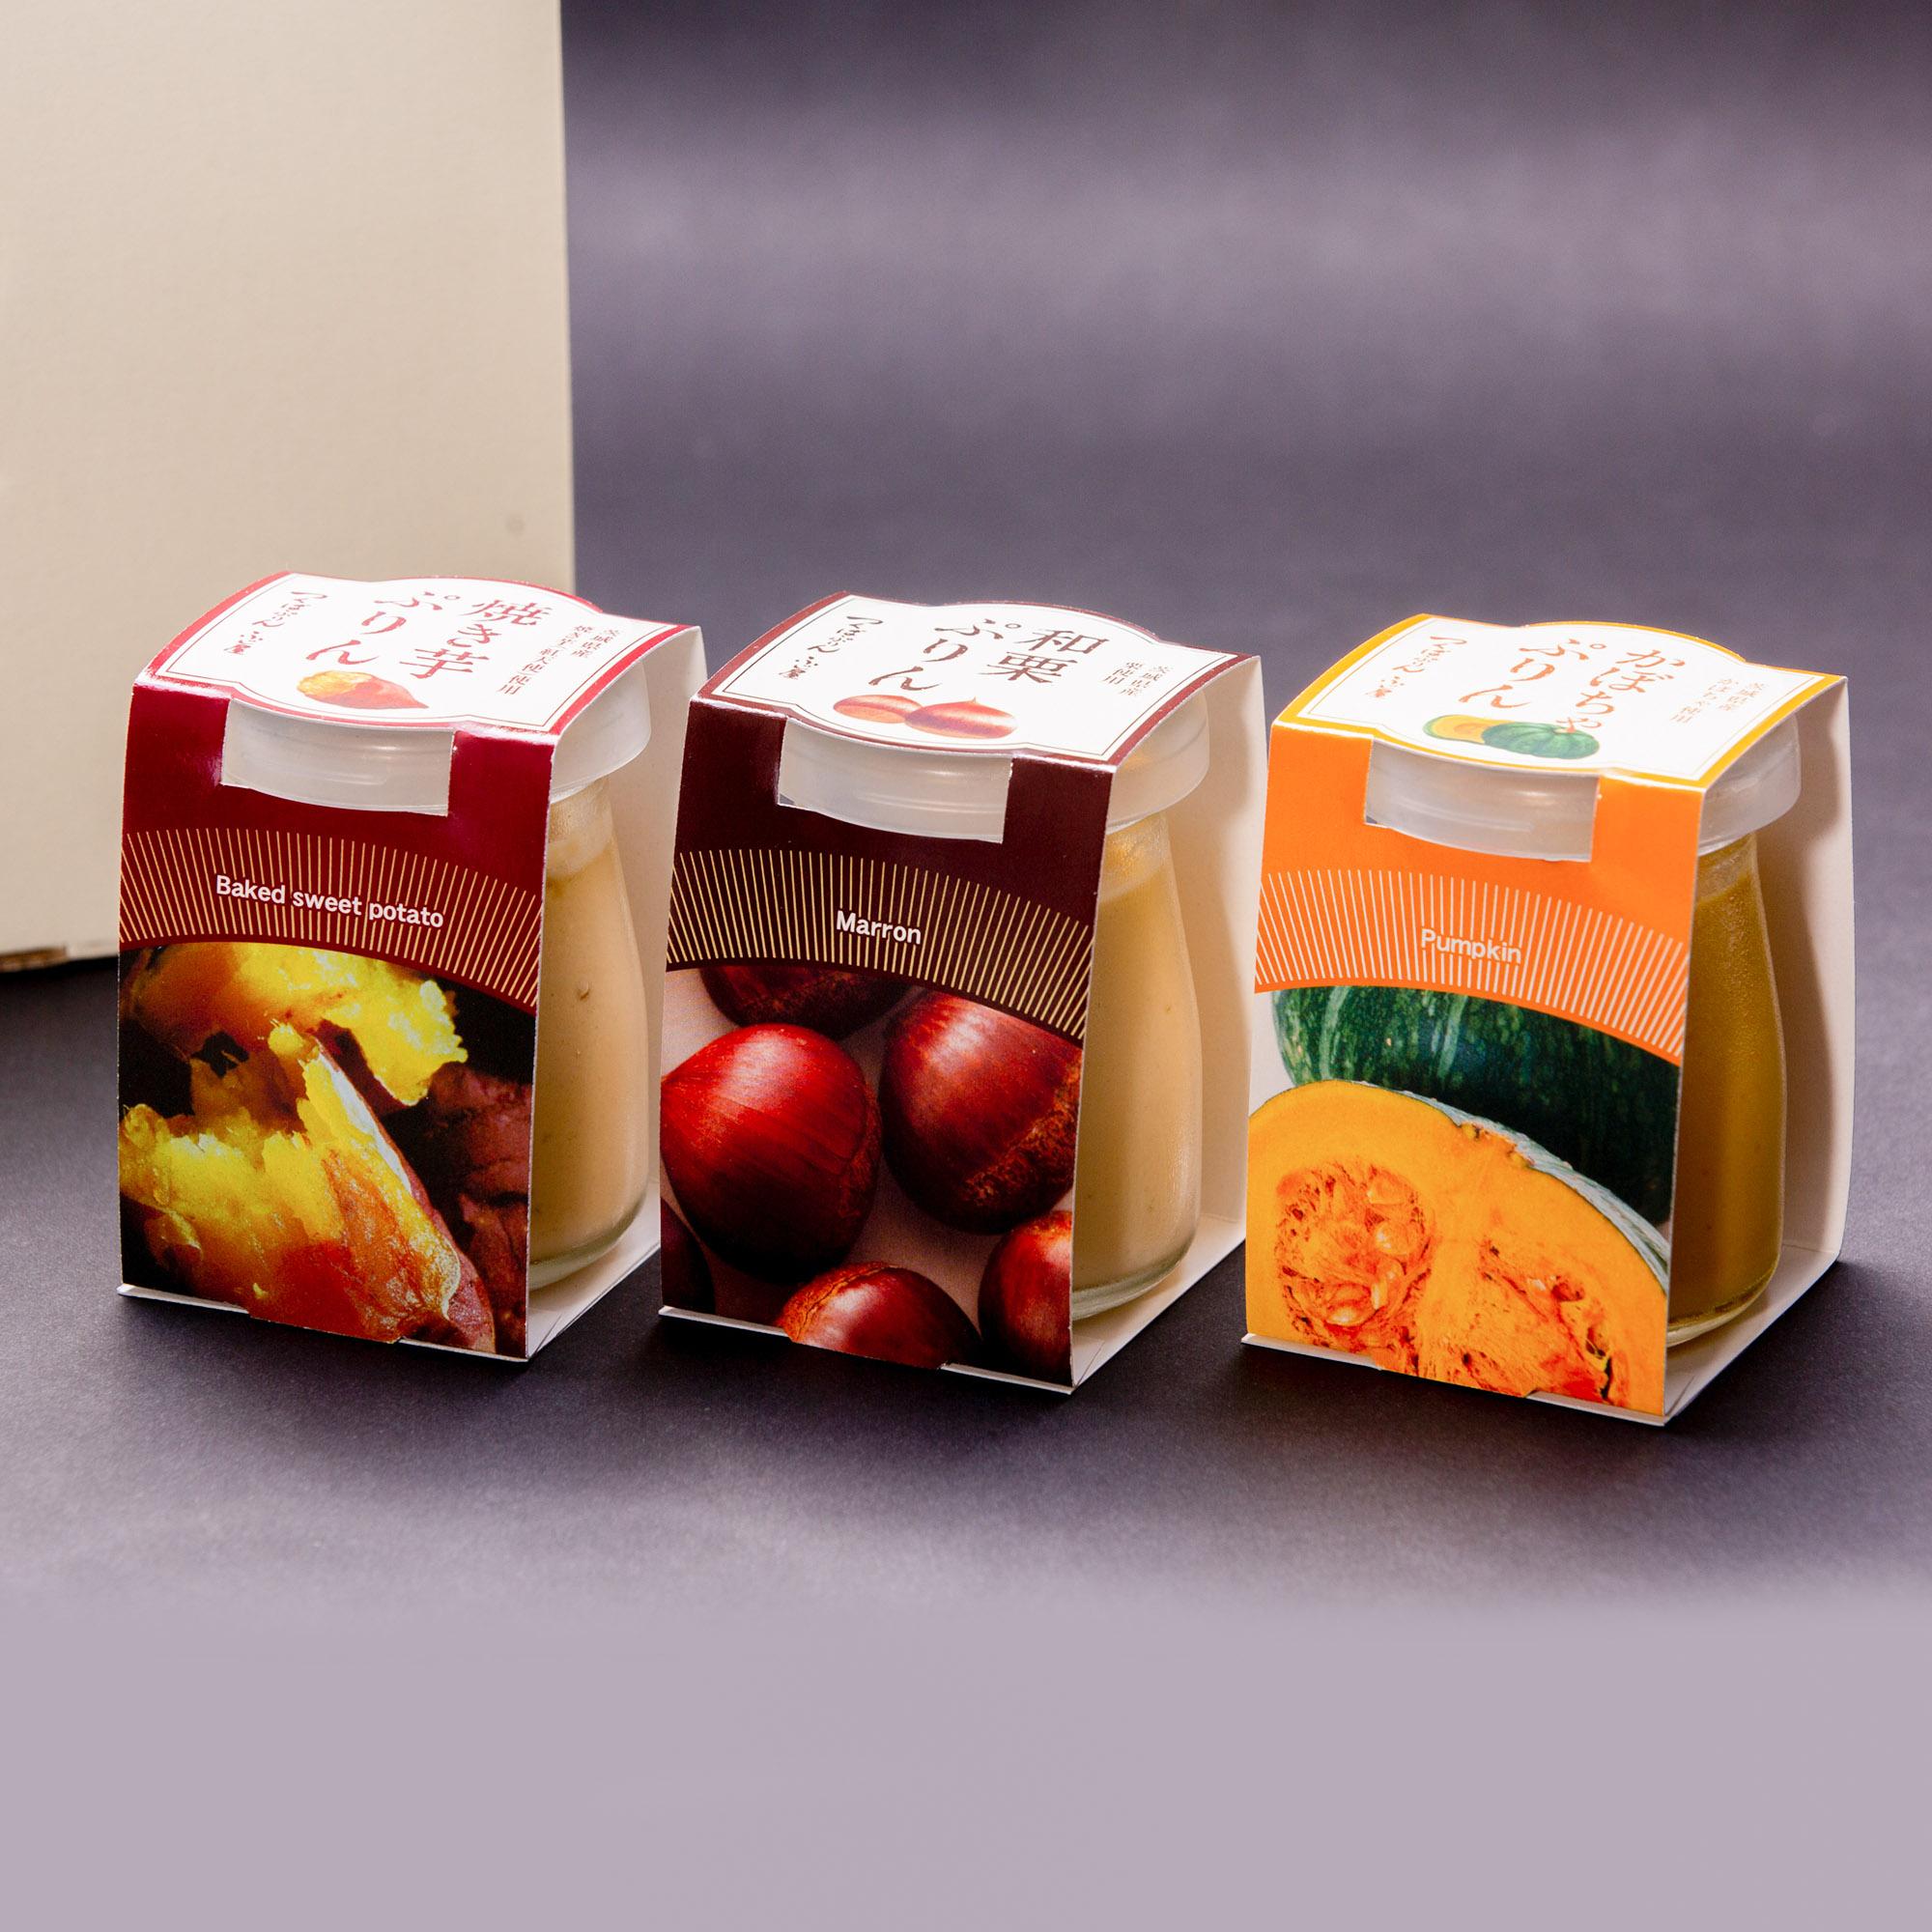 焼き芋ぷりん1個/和栗ぷりん1個/かぼちゃぷりん1個の3個入りセット 茨城県産「焼き芋」「和栗」「かぼちゃ」の3種類の味が楽しめる贅沢なセットです!